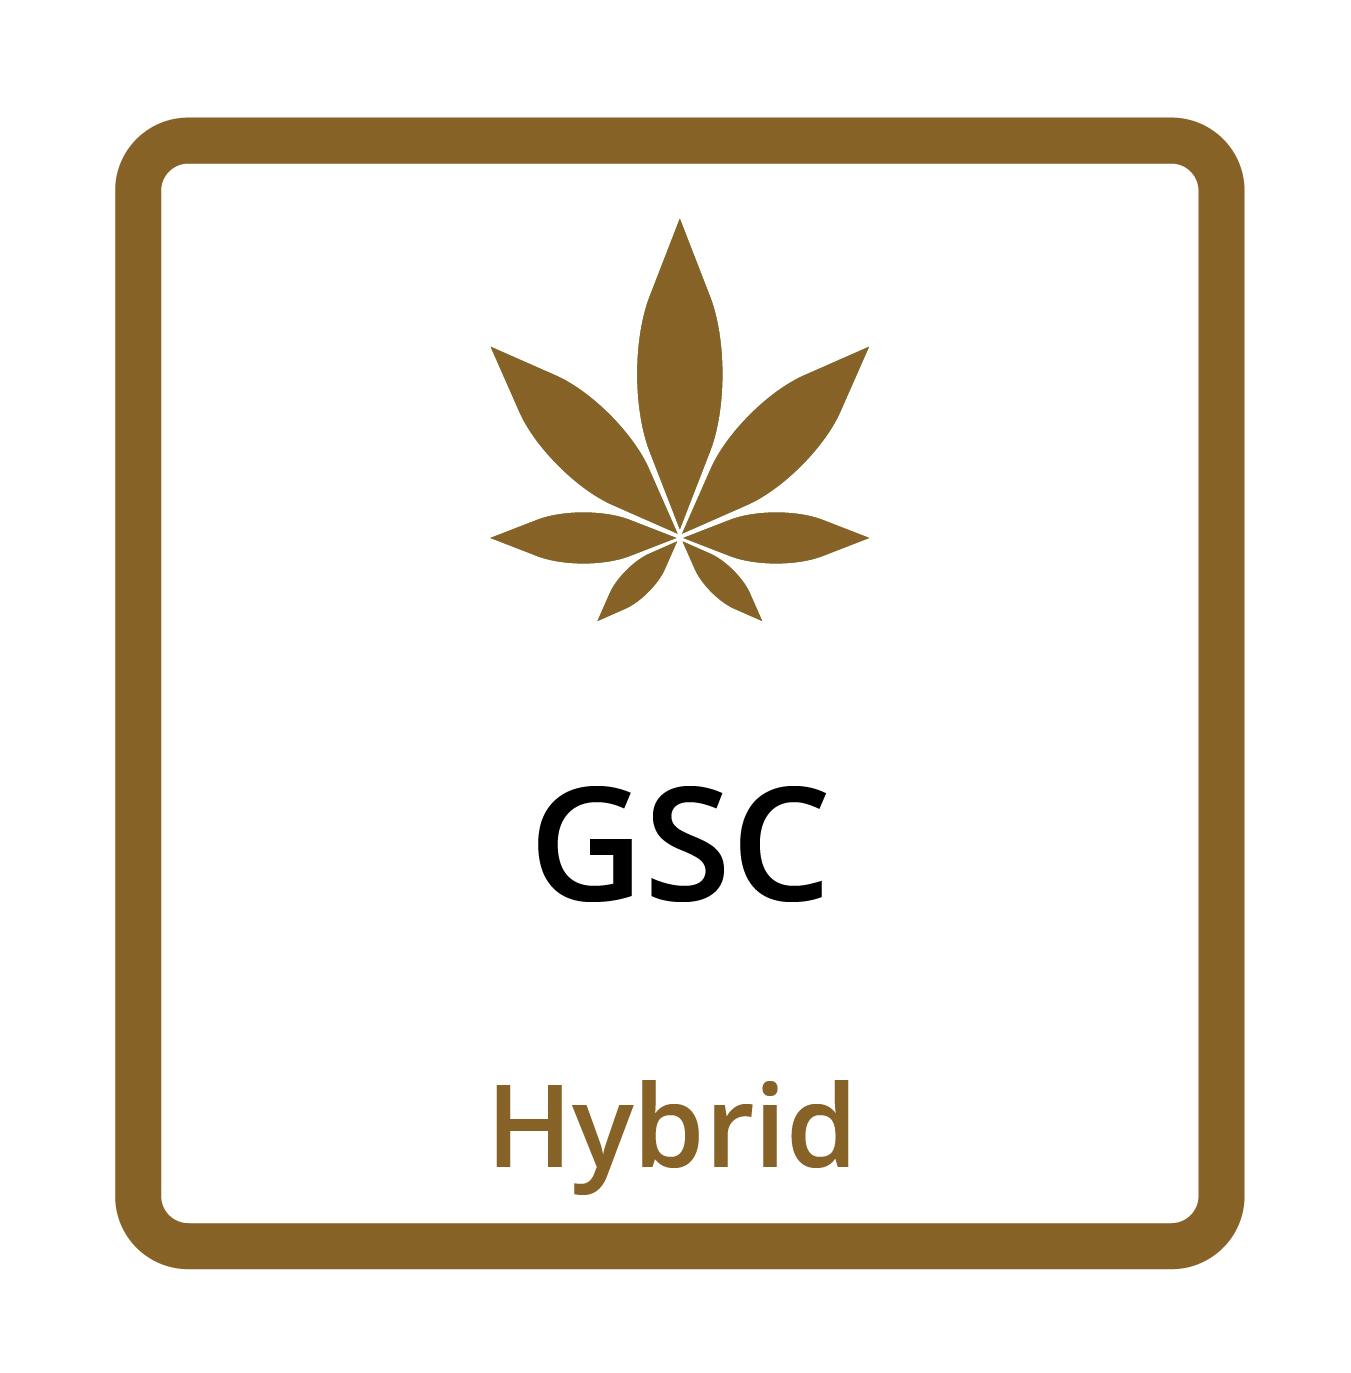 GSC (Hybrid)